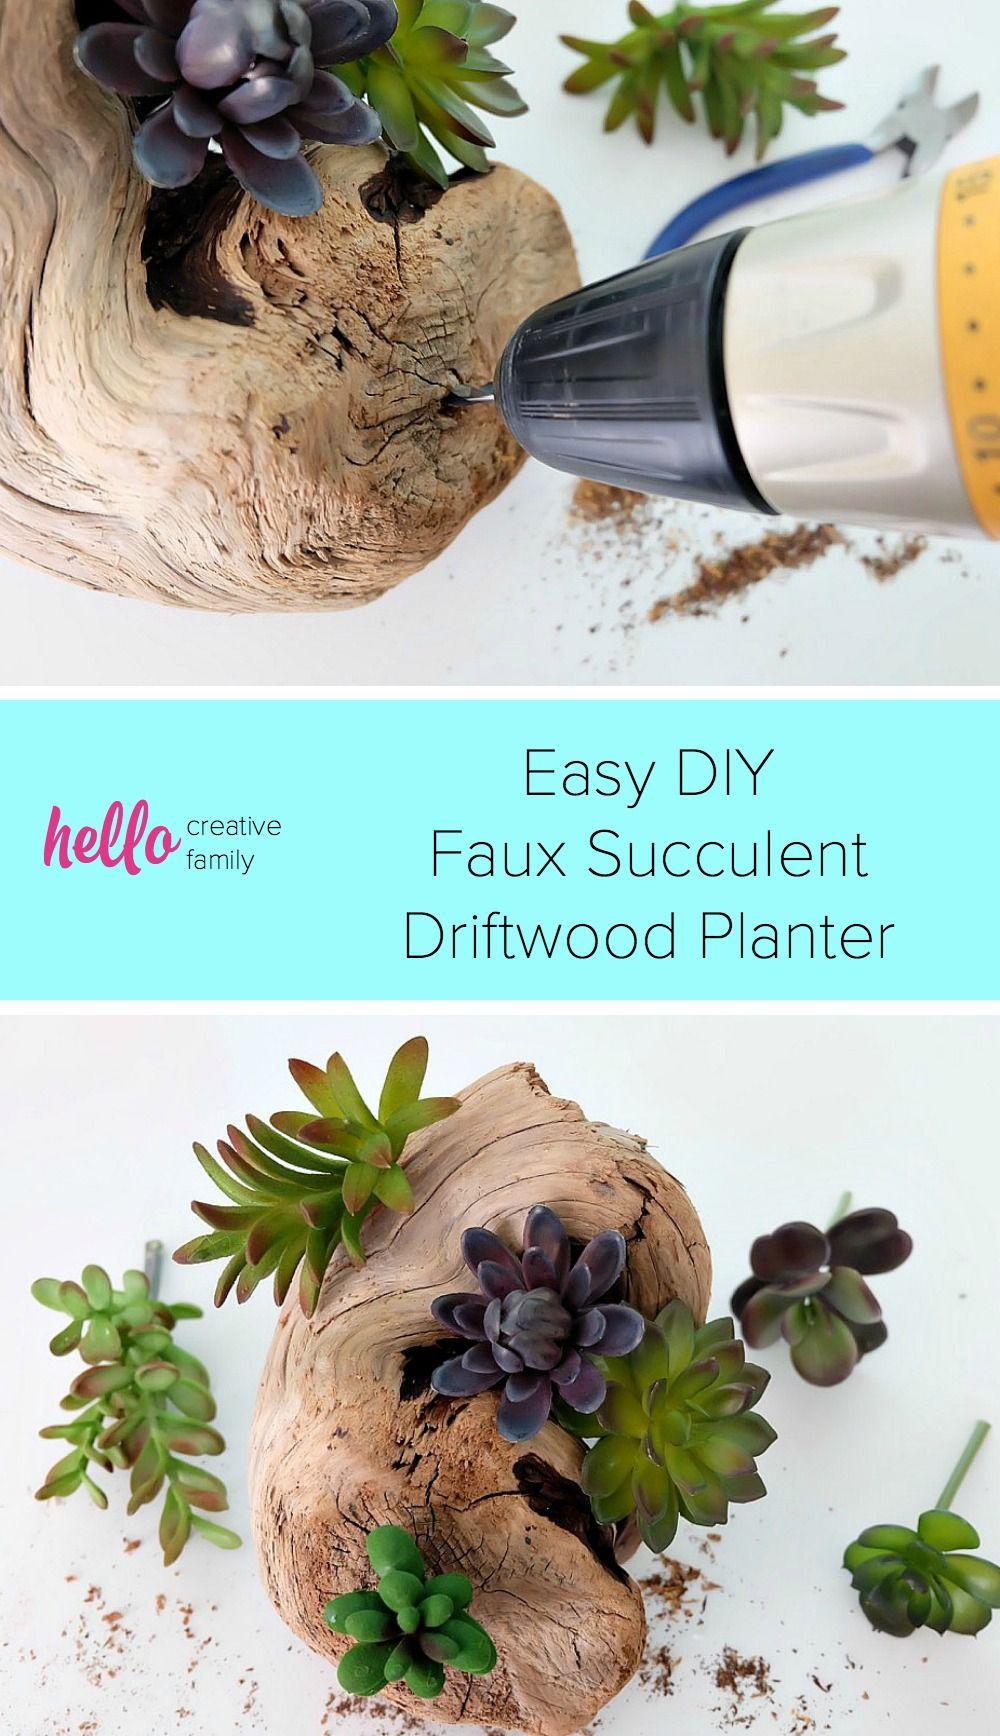 Easy diy faux succulent driftwood planter diy u craft ideas